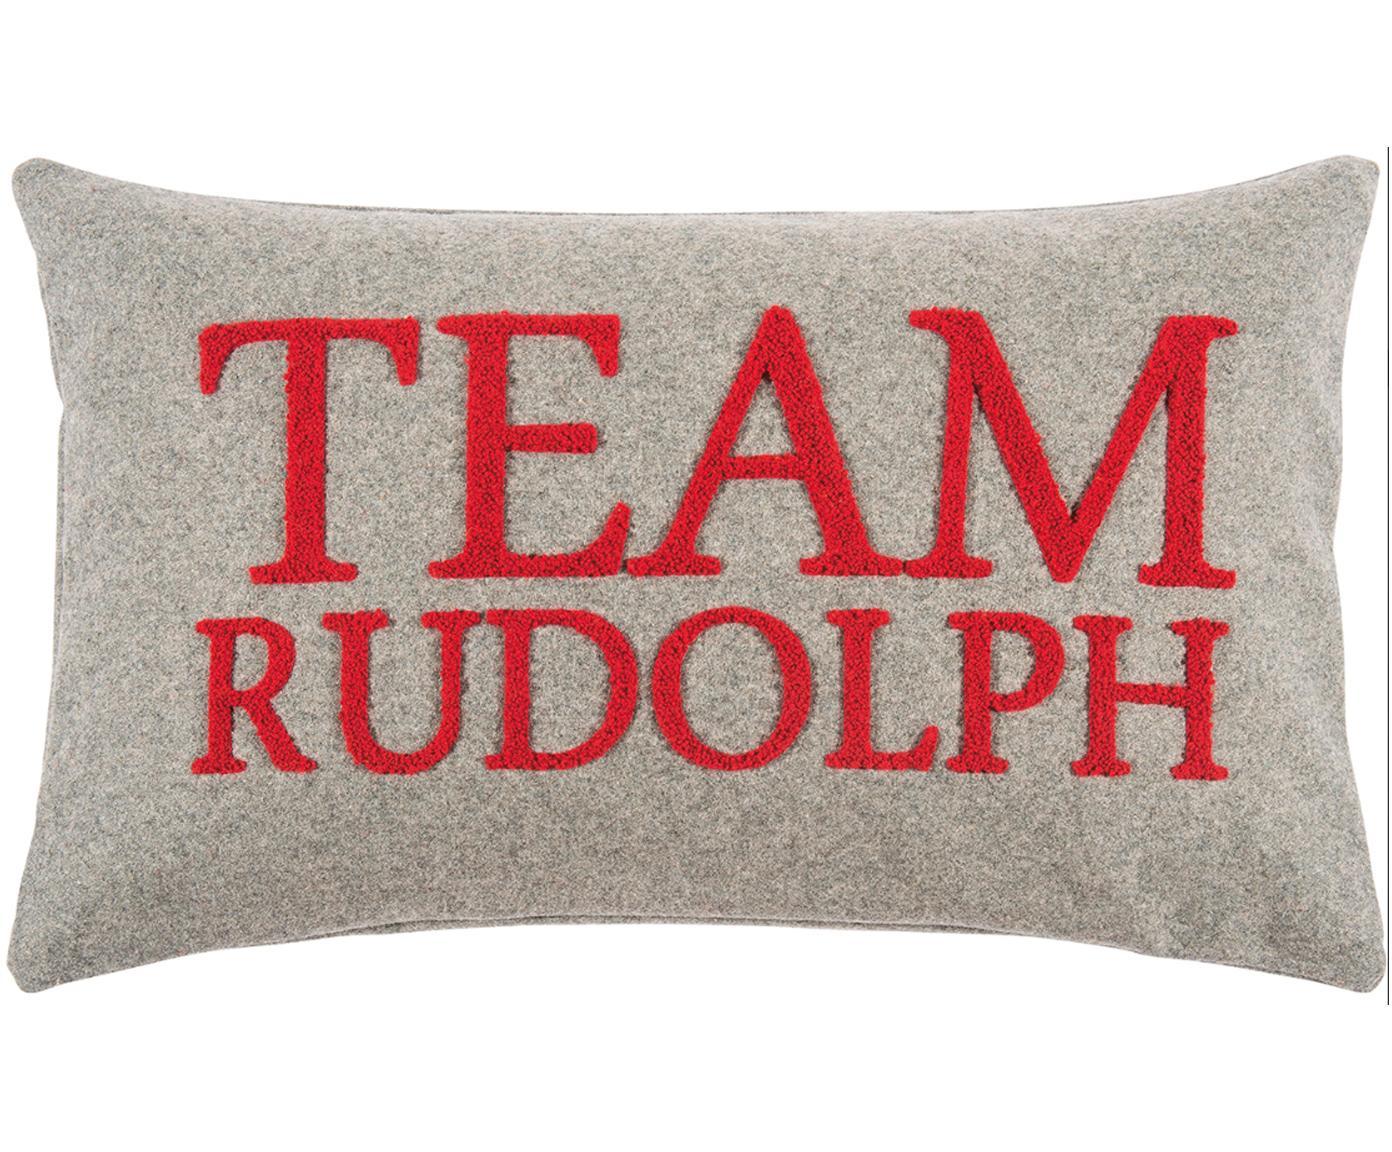 Federa arredo con scritta Rudolph, 60% lana, 40% poliestere, Grigio chiaro, rosso, Larg. 30 x Lung. 50 cm